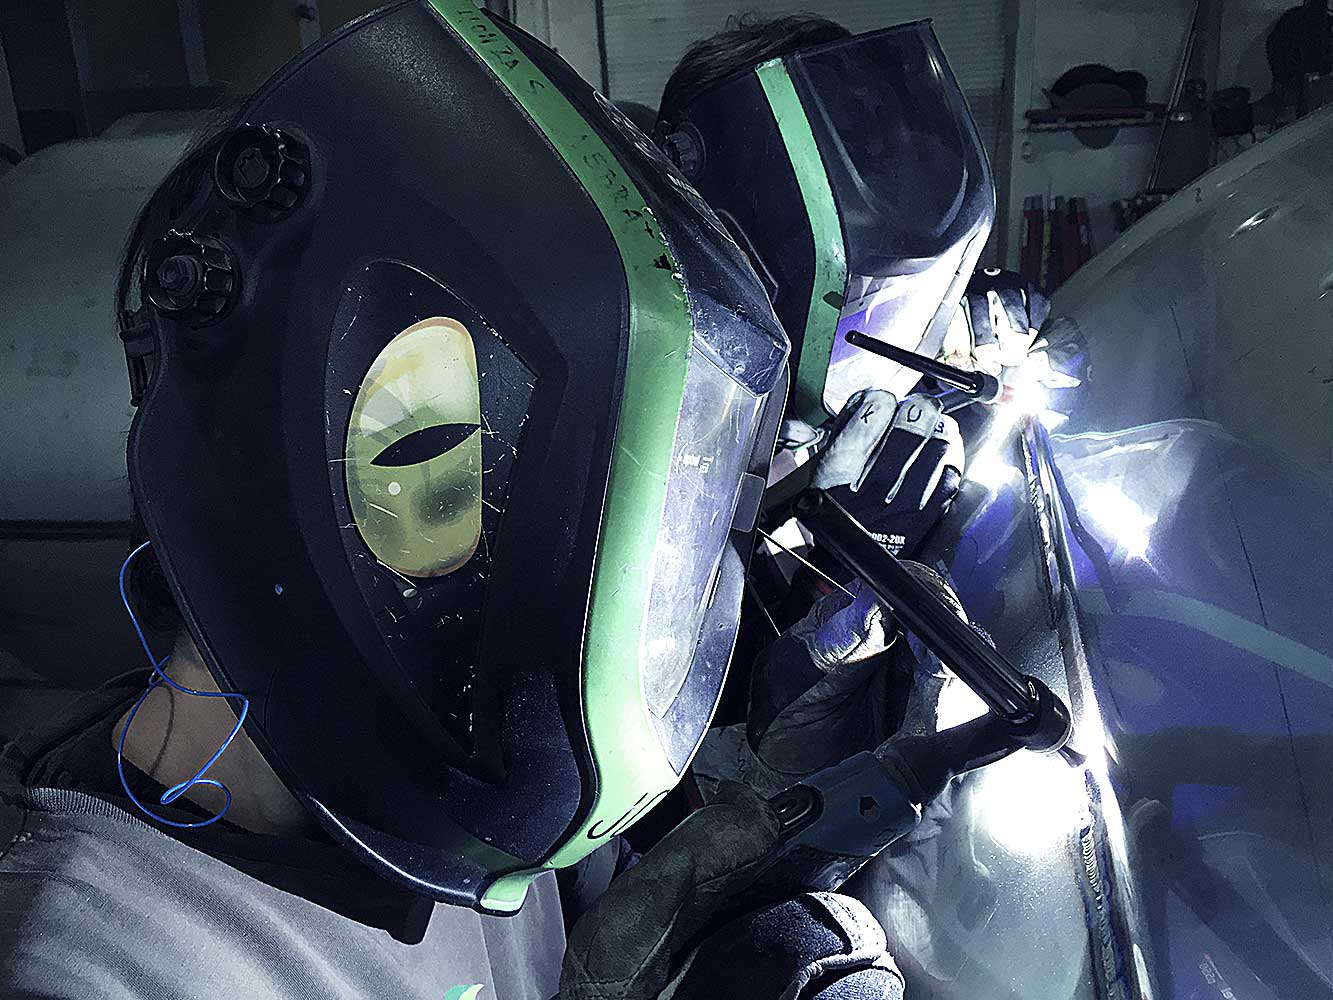 Získali jsme certifikát pro proces svařování{lang}We obtain certificate for welding process